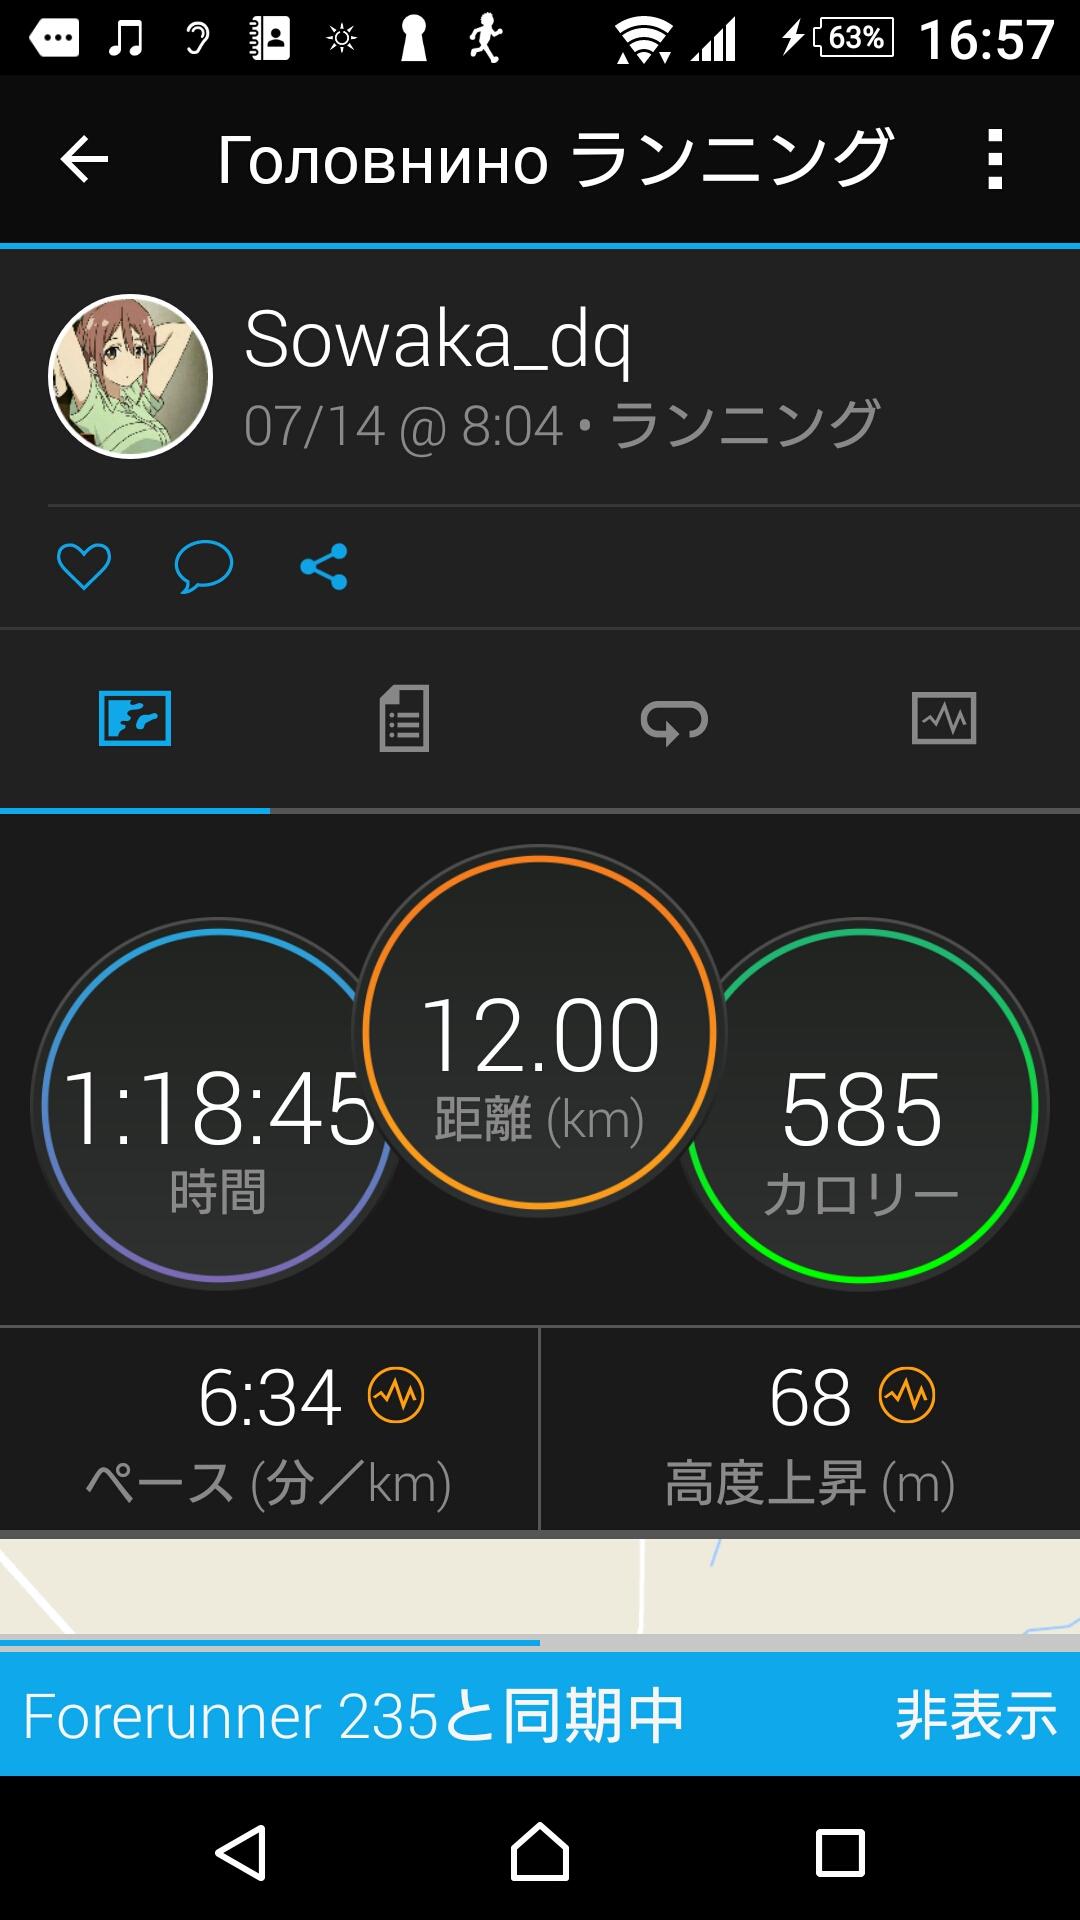 screenshotshare_20170714_165715.jpg